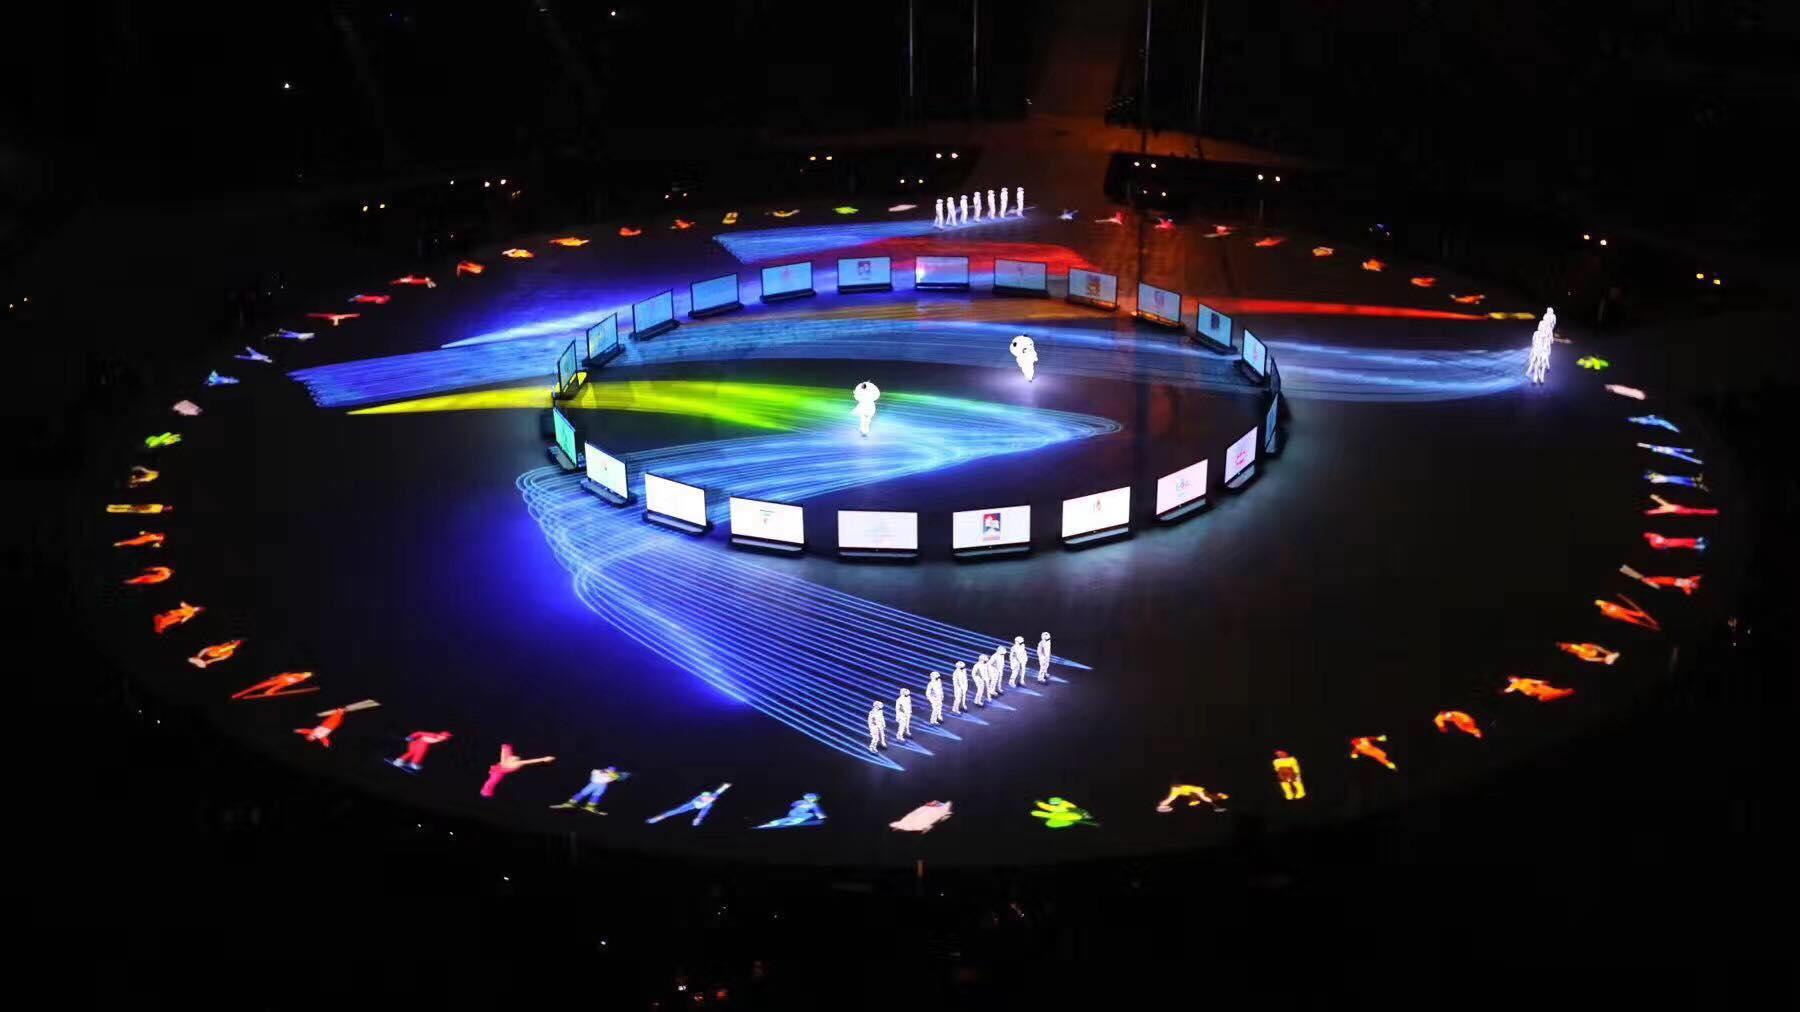 中央音乐学院校友、国家一级作曲家孟可及作曲团队创作《北京8分钟》音乐引起强烈好评